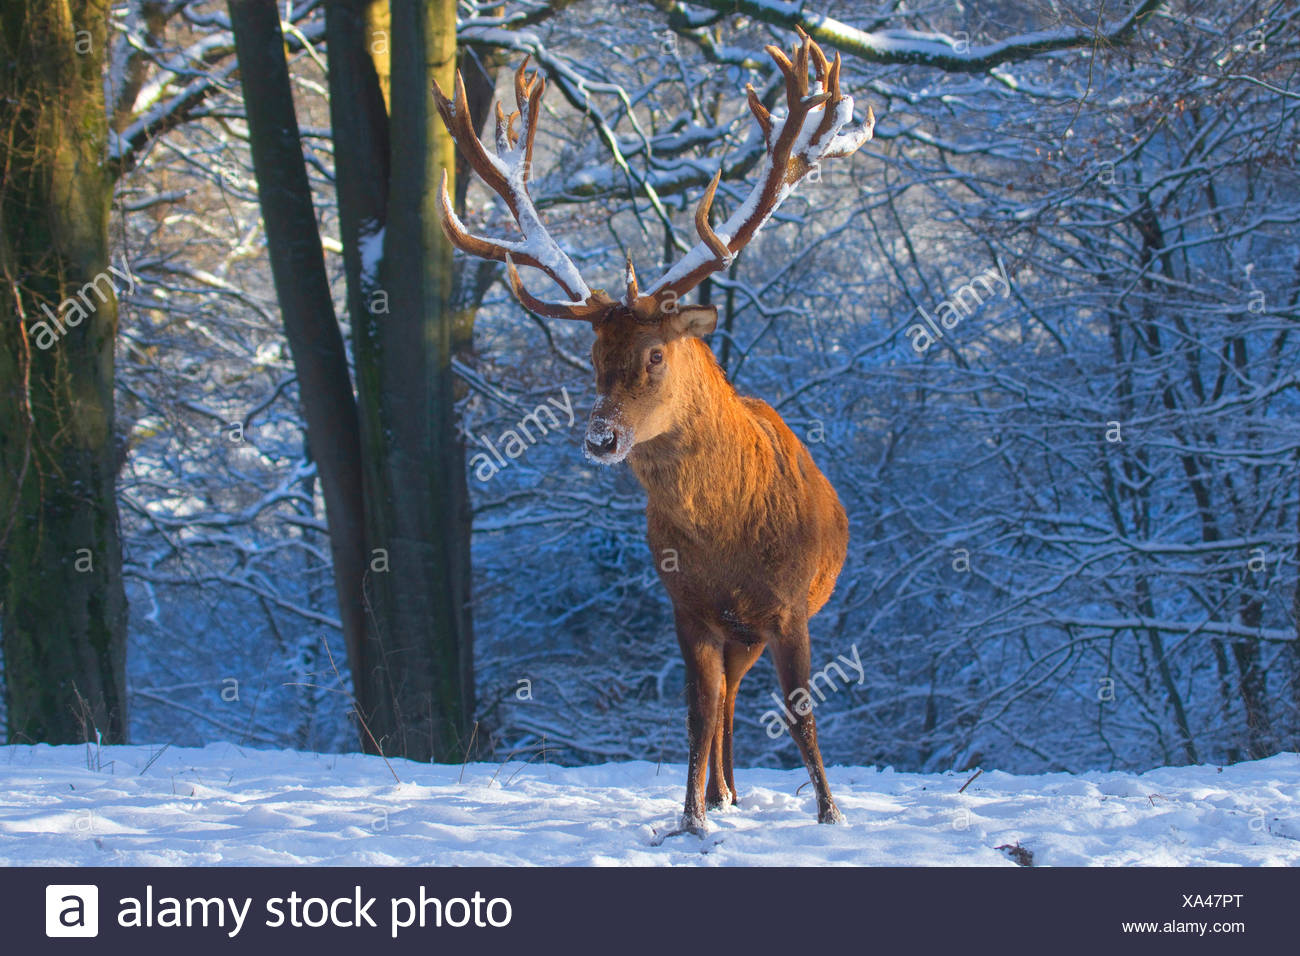 red deer (Cervus elaphus), impressive stag in winter, Germany, North Rhine-Westphalia - Stock Image